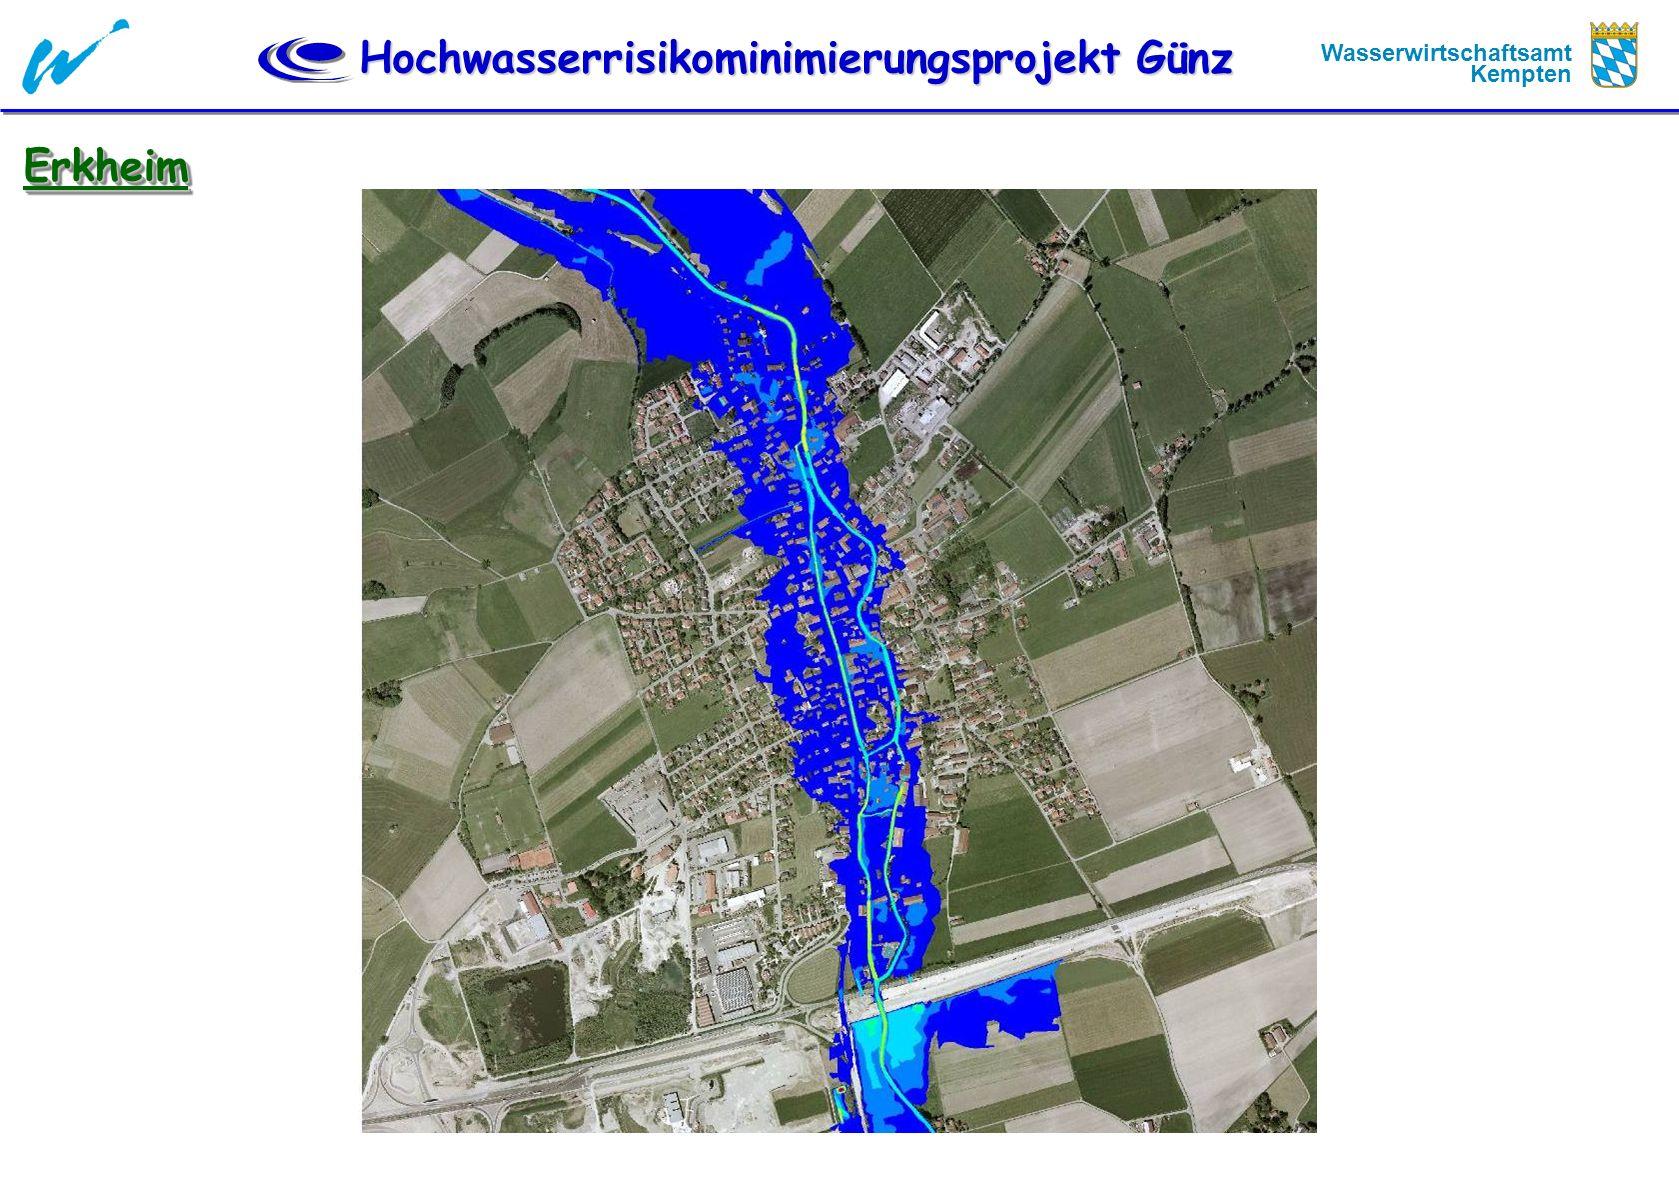 Hochwasserrisikominimierungsprojekt Günz Wasserwirtschaftsamt Kempten OttobeurenOttobeuren